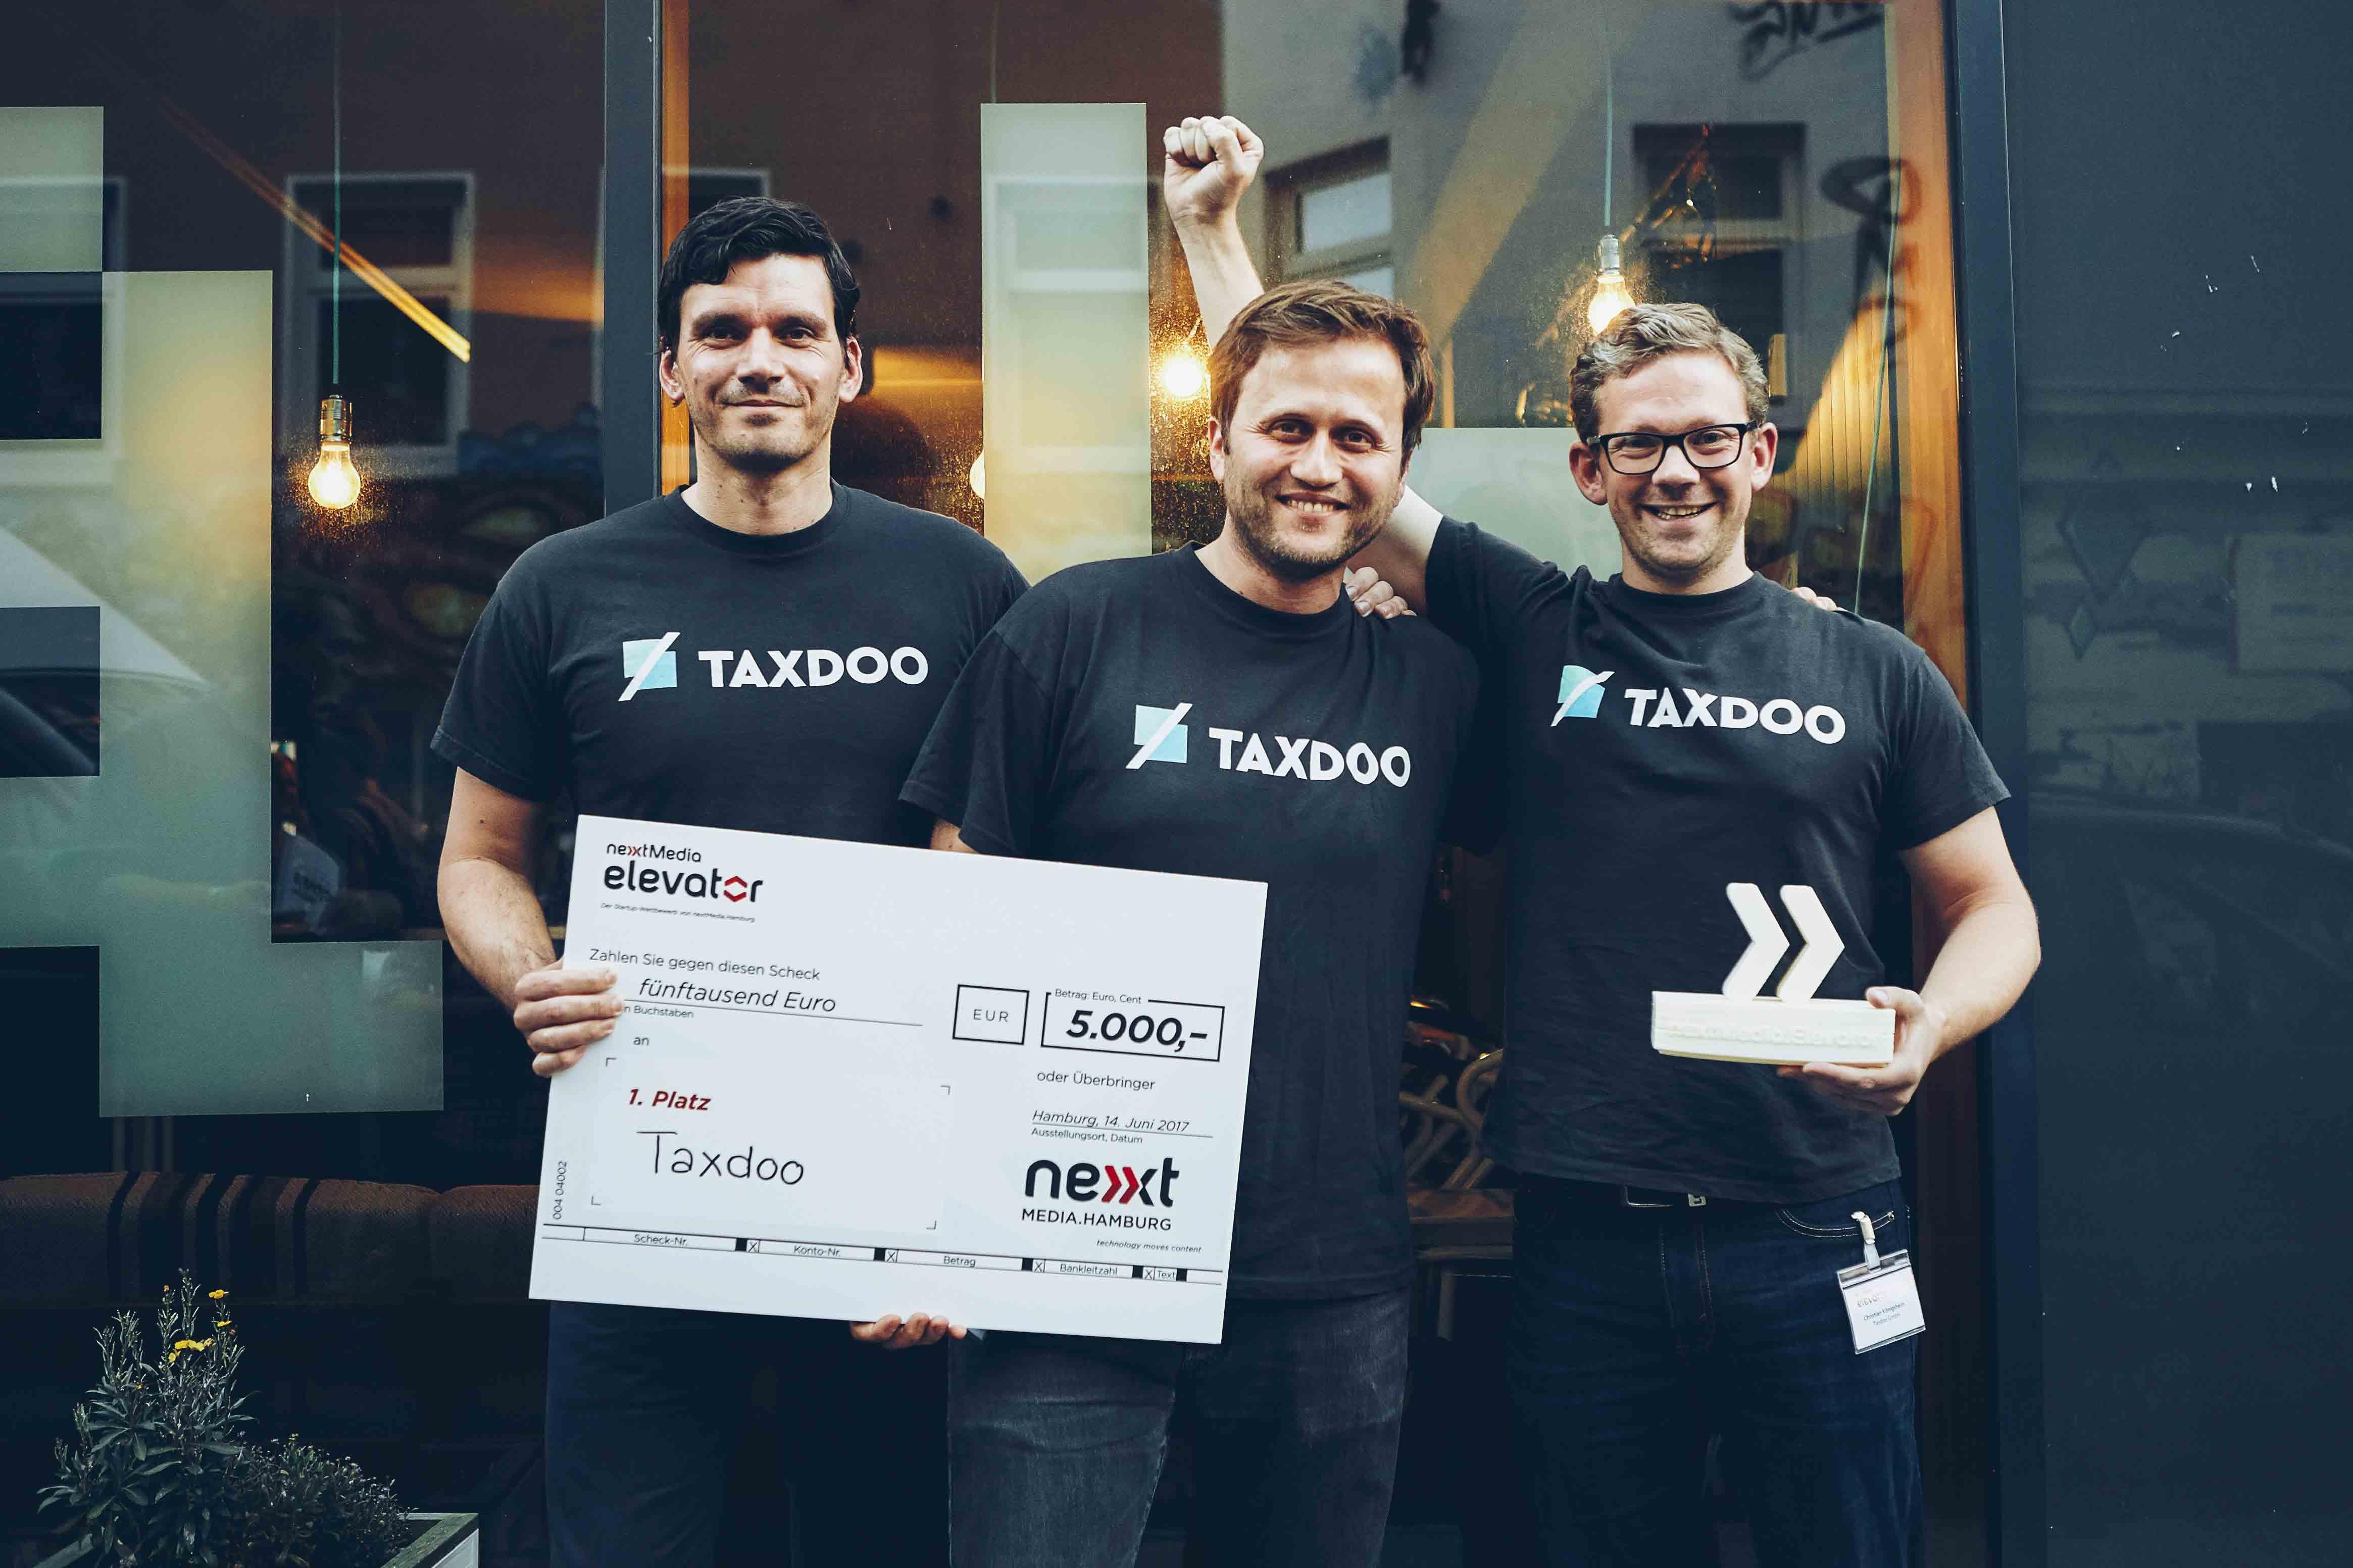 Gründer des Startups Taxdoo und Gewinner des nextMedia.Elevator